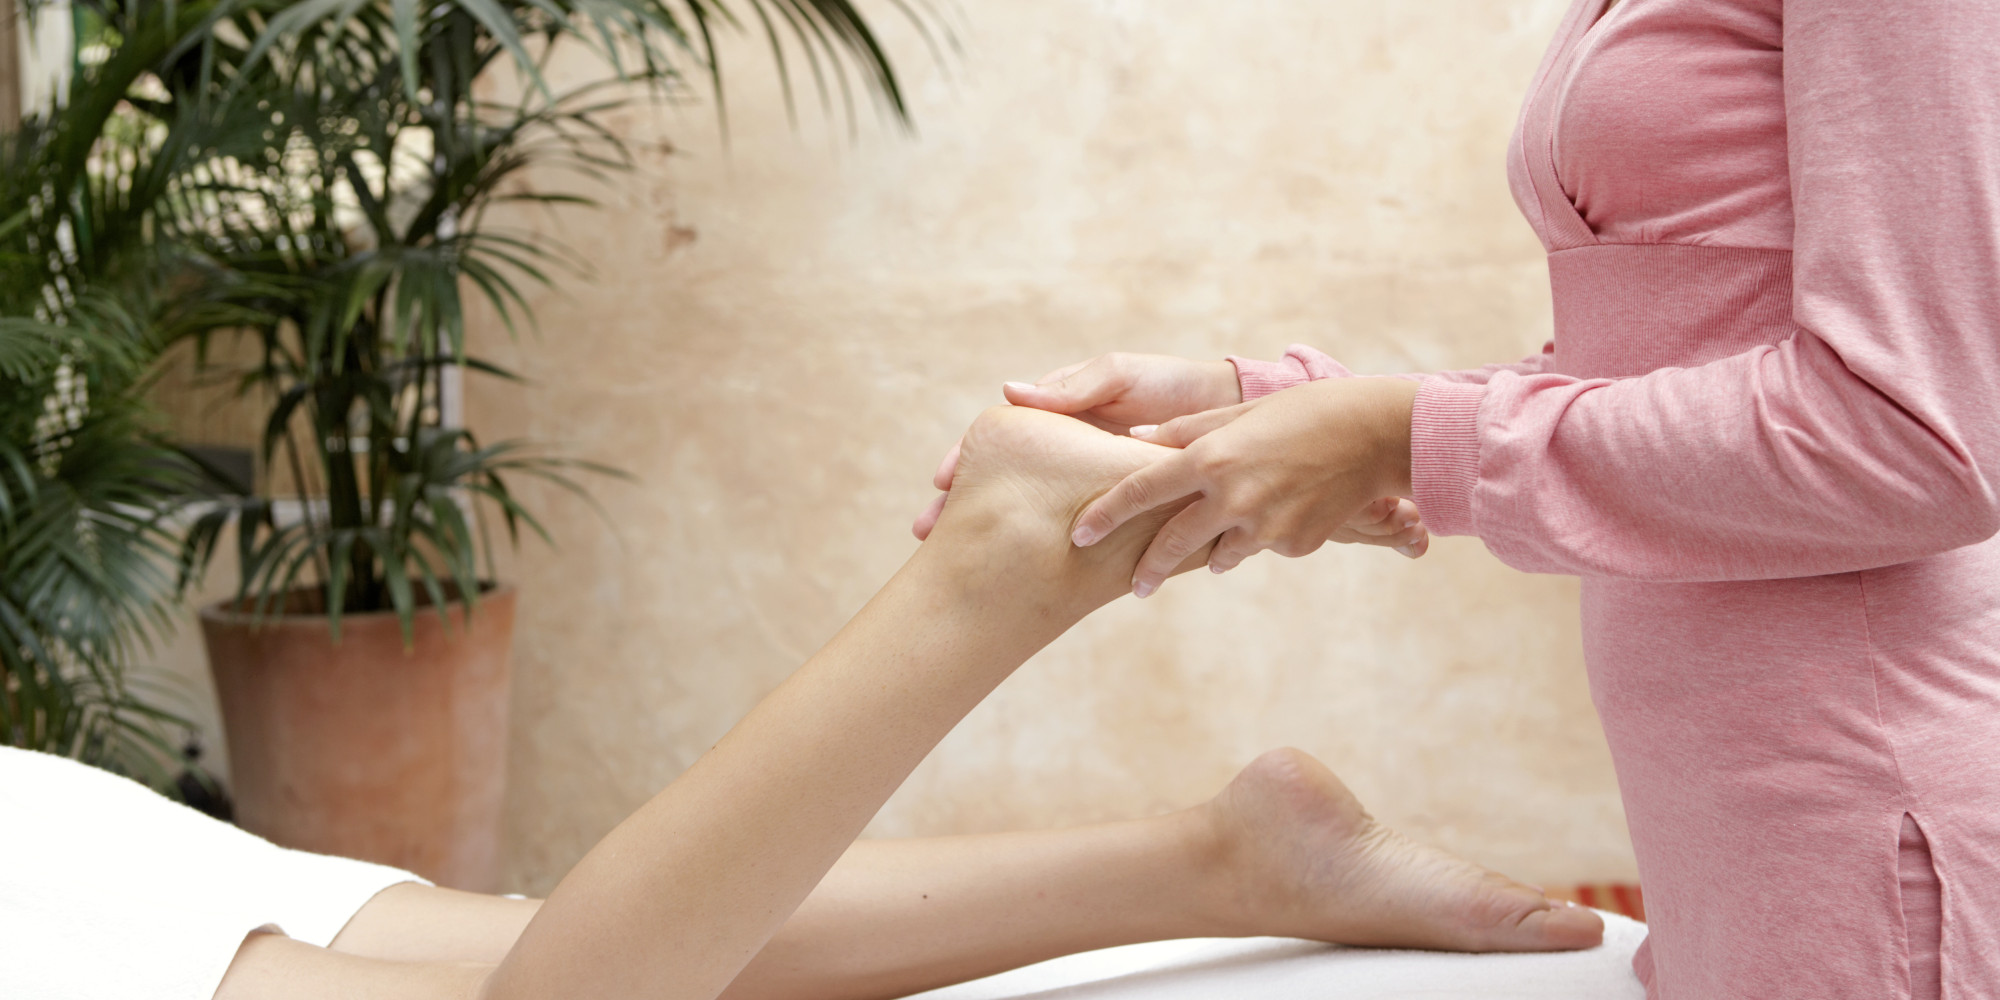 schulrecht nrw massage ladies